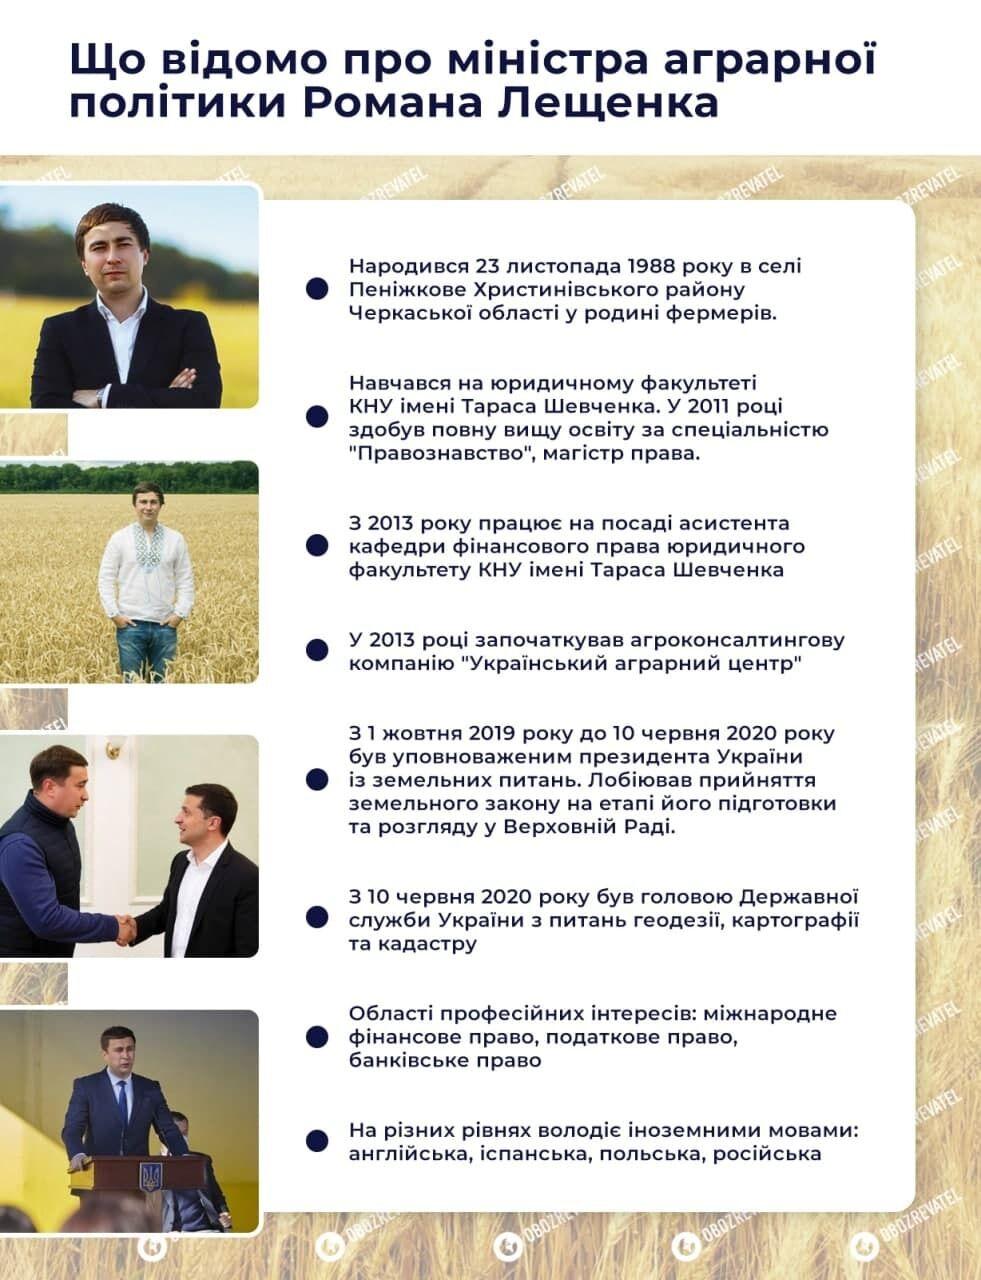 В Украине восстановили Министерство агрополитики и избрали его главой Лещенко